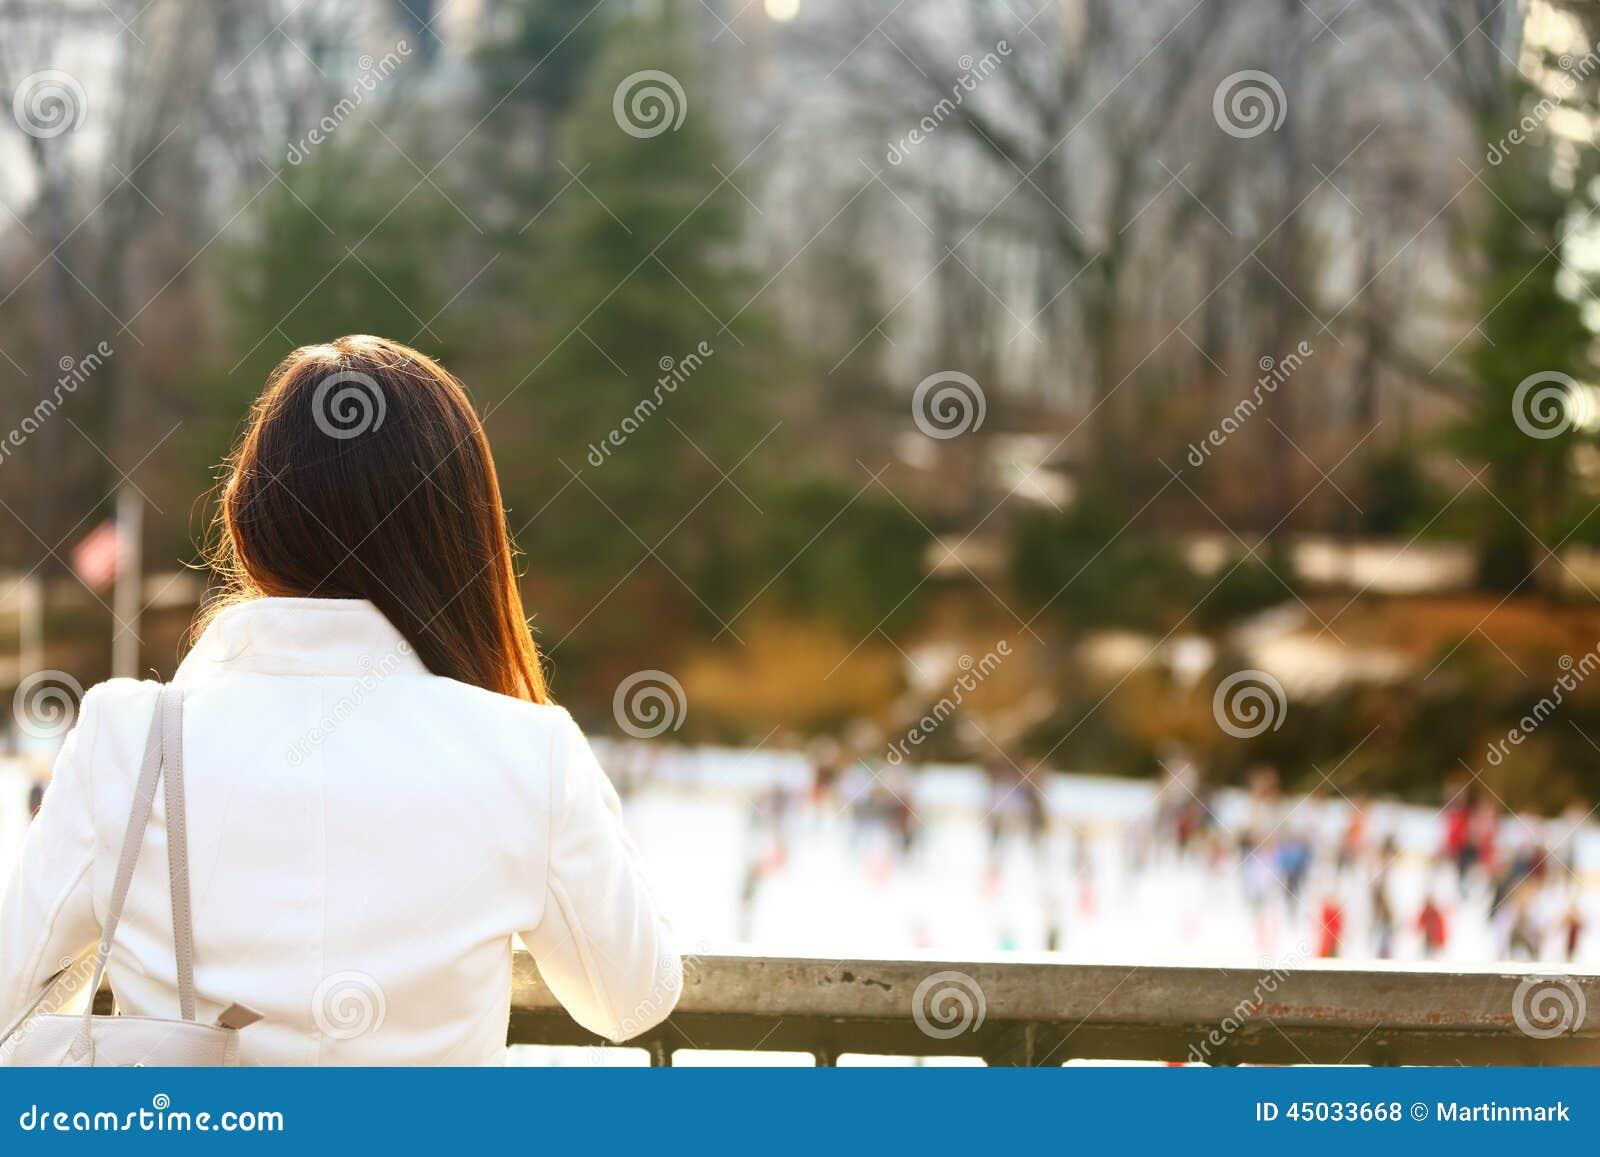 中央公园滑冰场-妇女在纽约